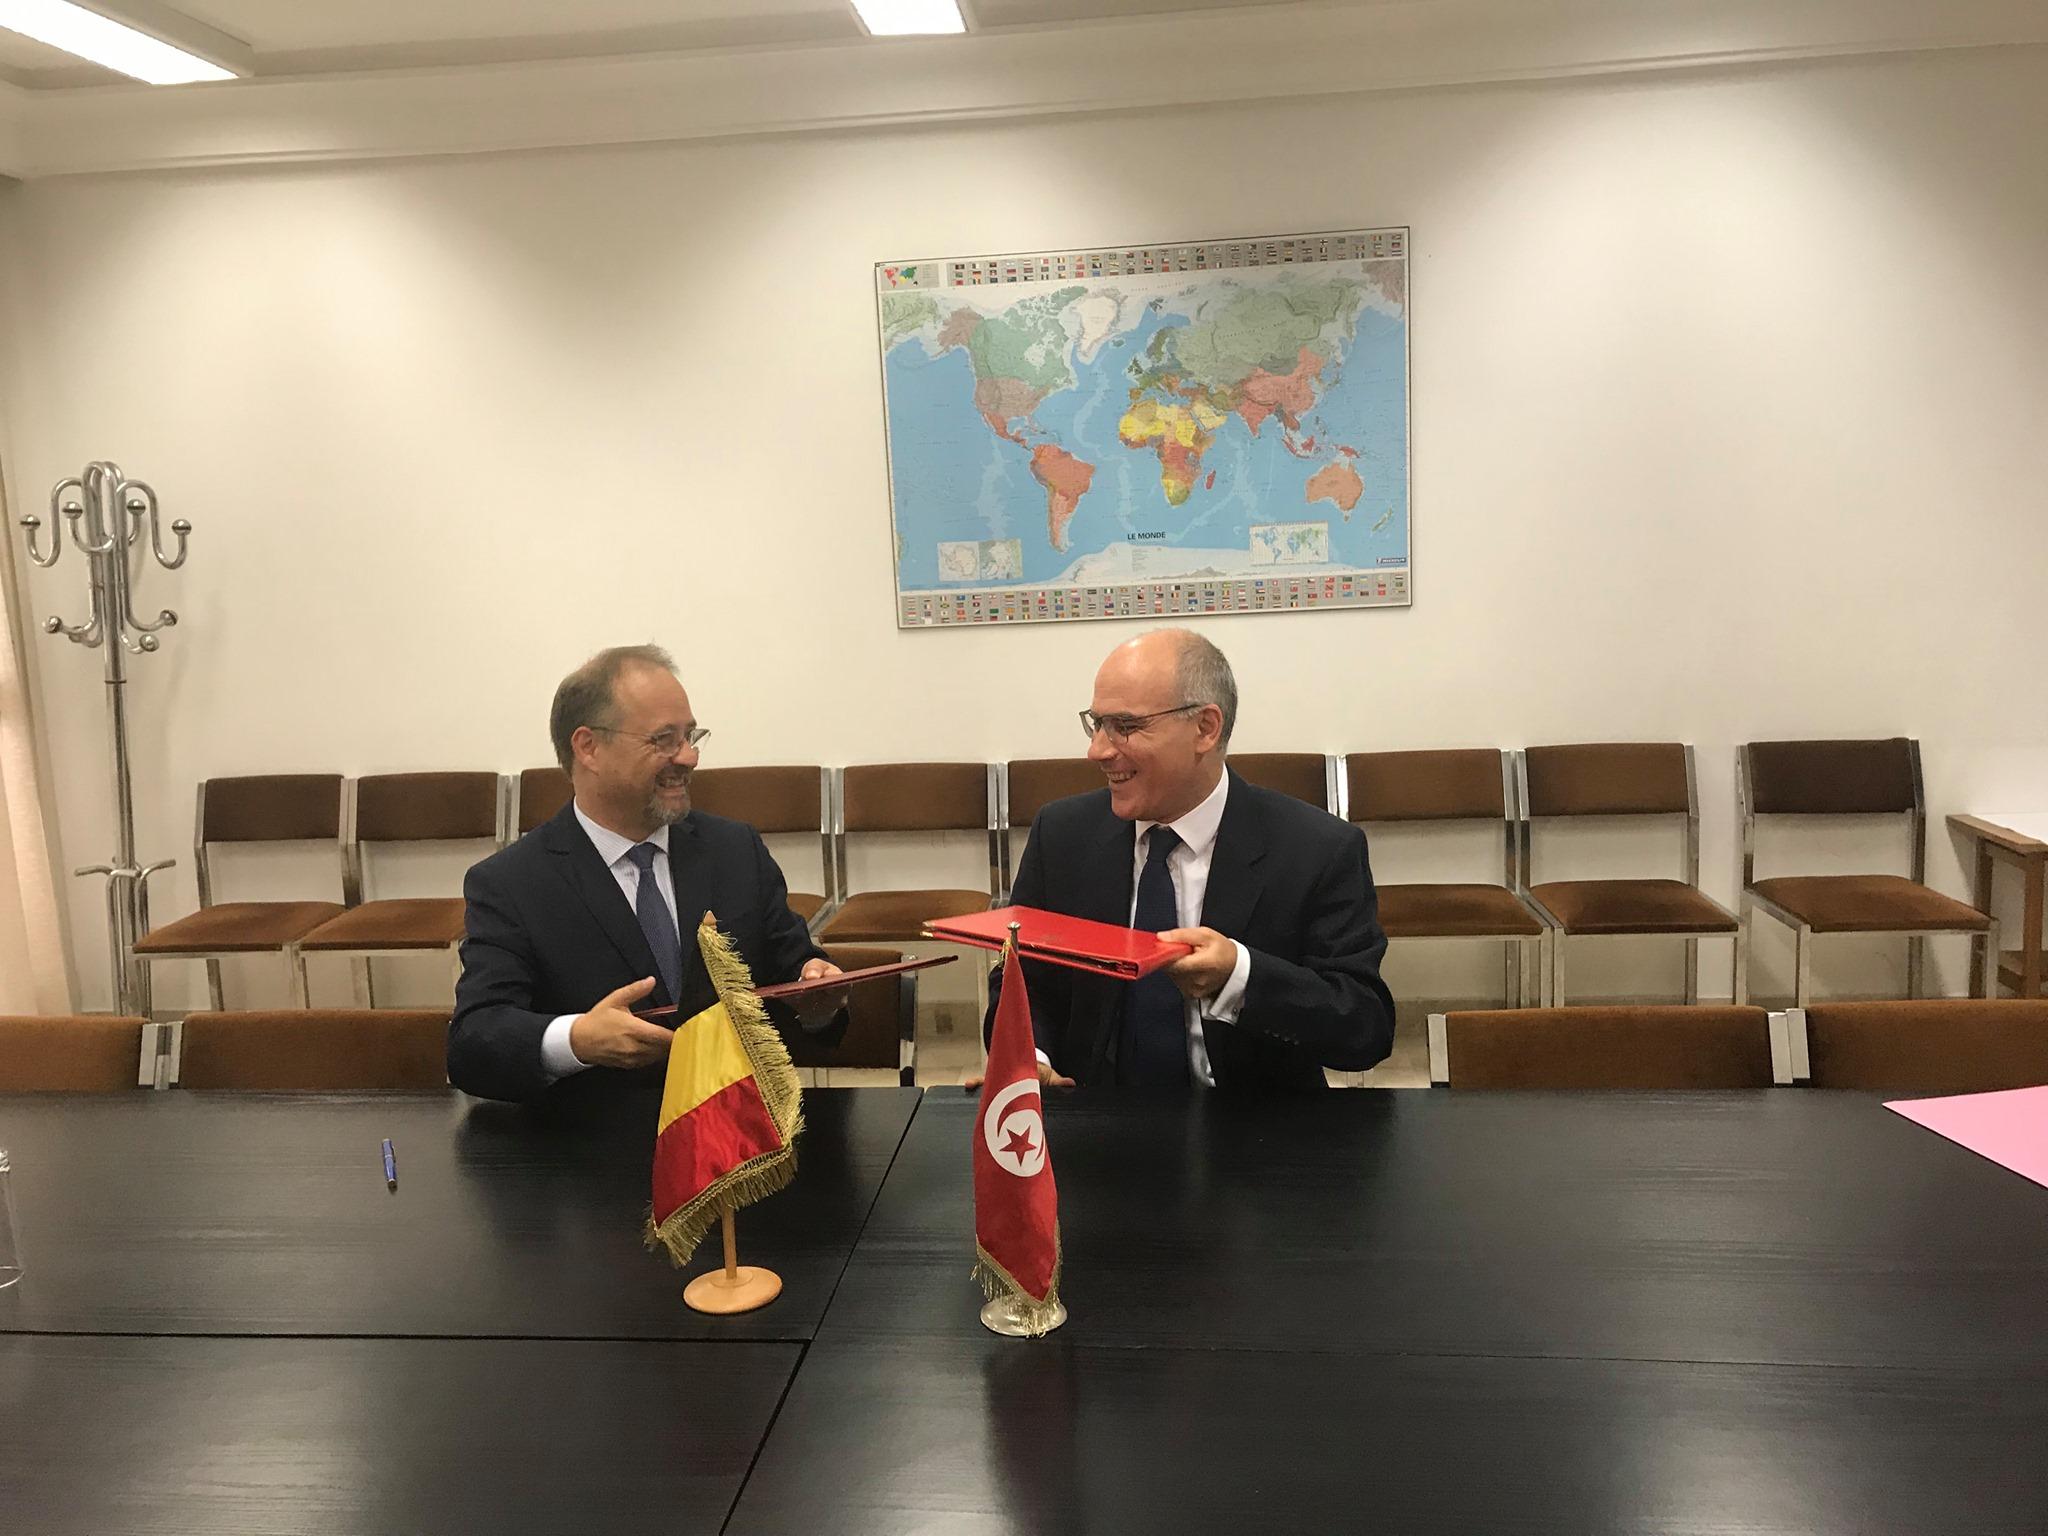 بلجيكا تُحوّل جزءا من ديون تونس إلى مشاريع